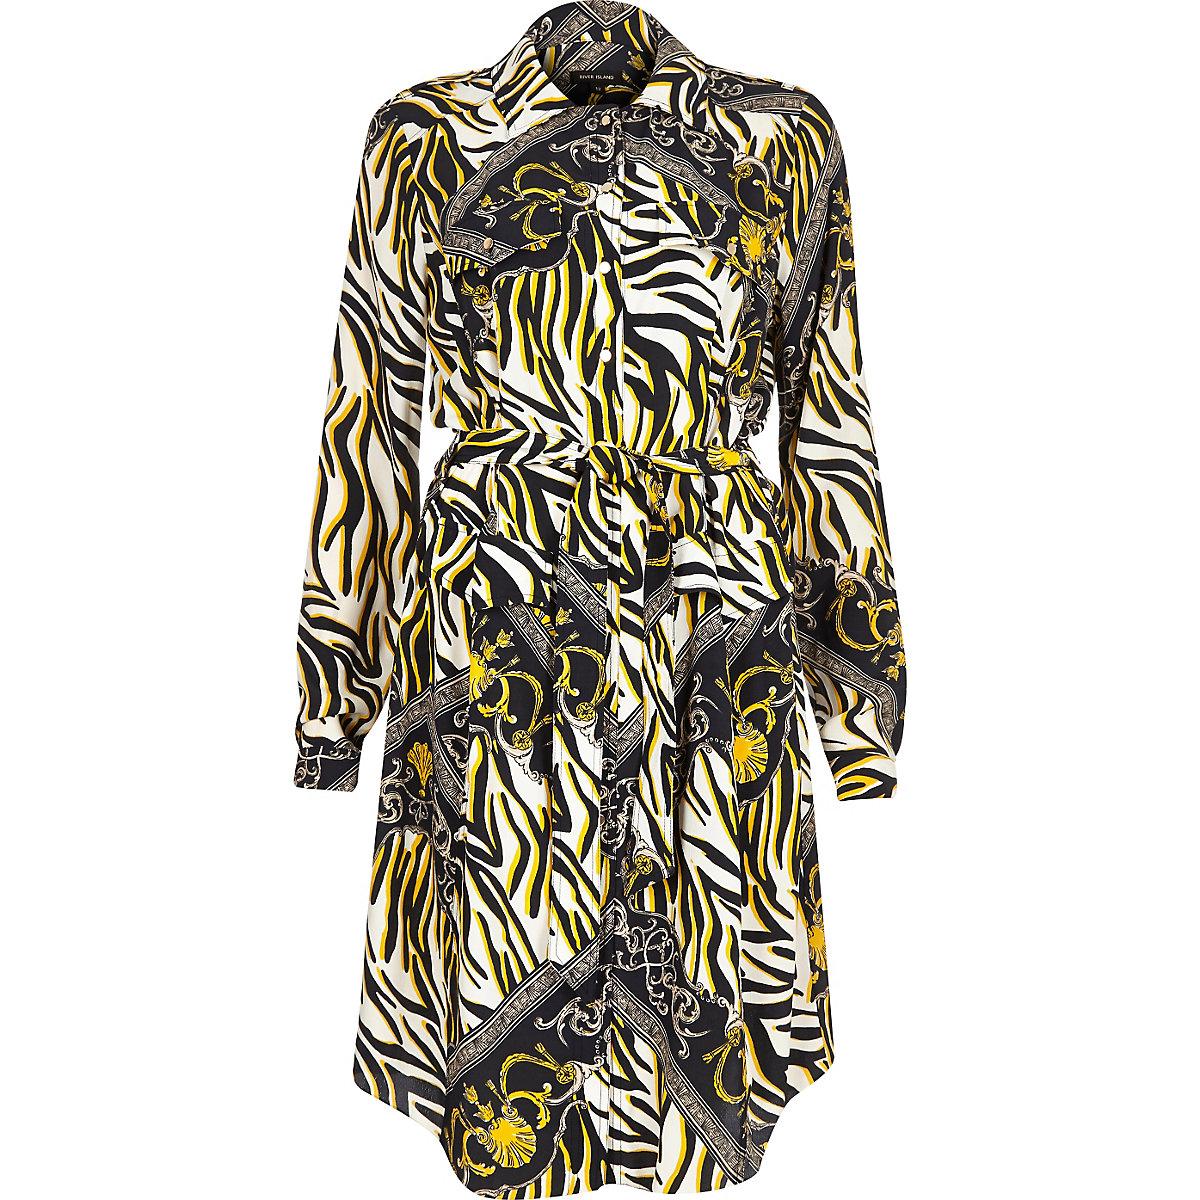 dfa2d82e2e Black zebra print shirt dress - T-Shirt Dresses - Dresses - women